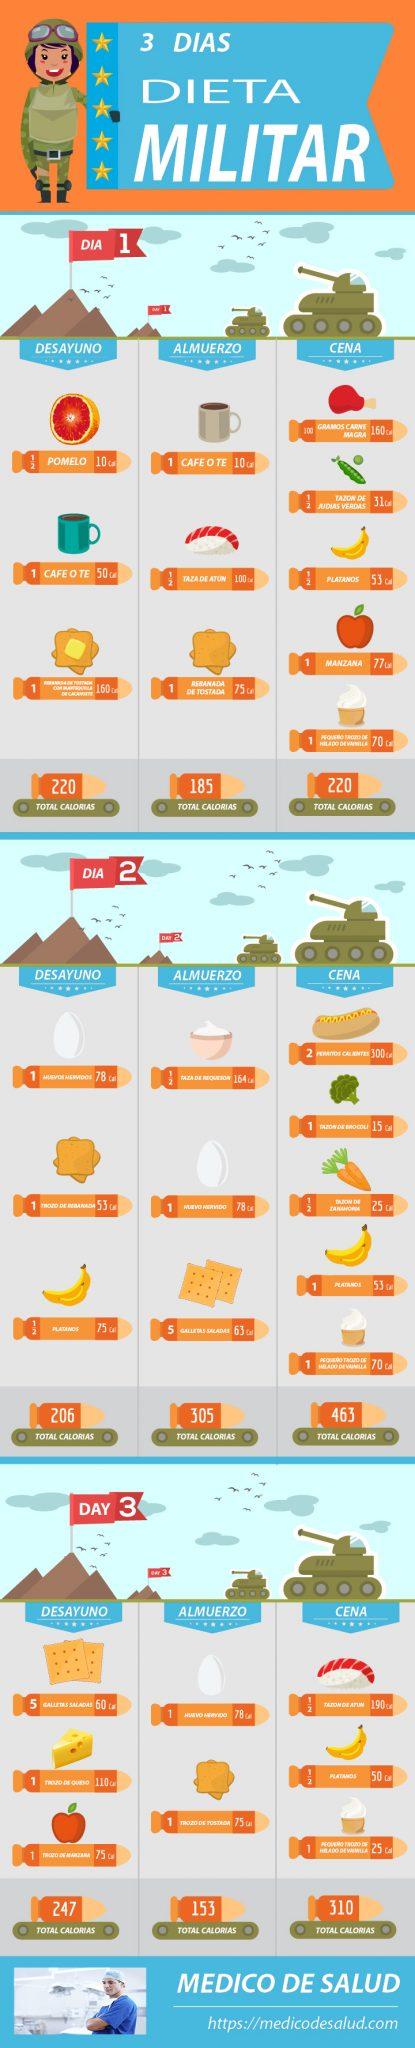 La tabla de dieta militar de 3 días la dieta militar de 3 días: la guía científica definitiva para perder peso La dieta militar de 3 días: la guía científica definitiva para perder peso Dieta Militar 1